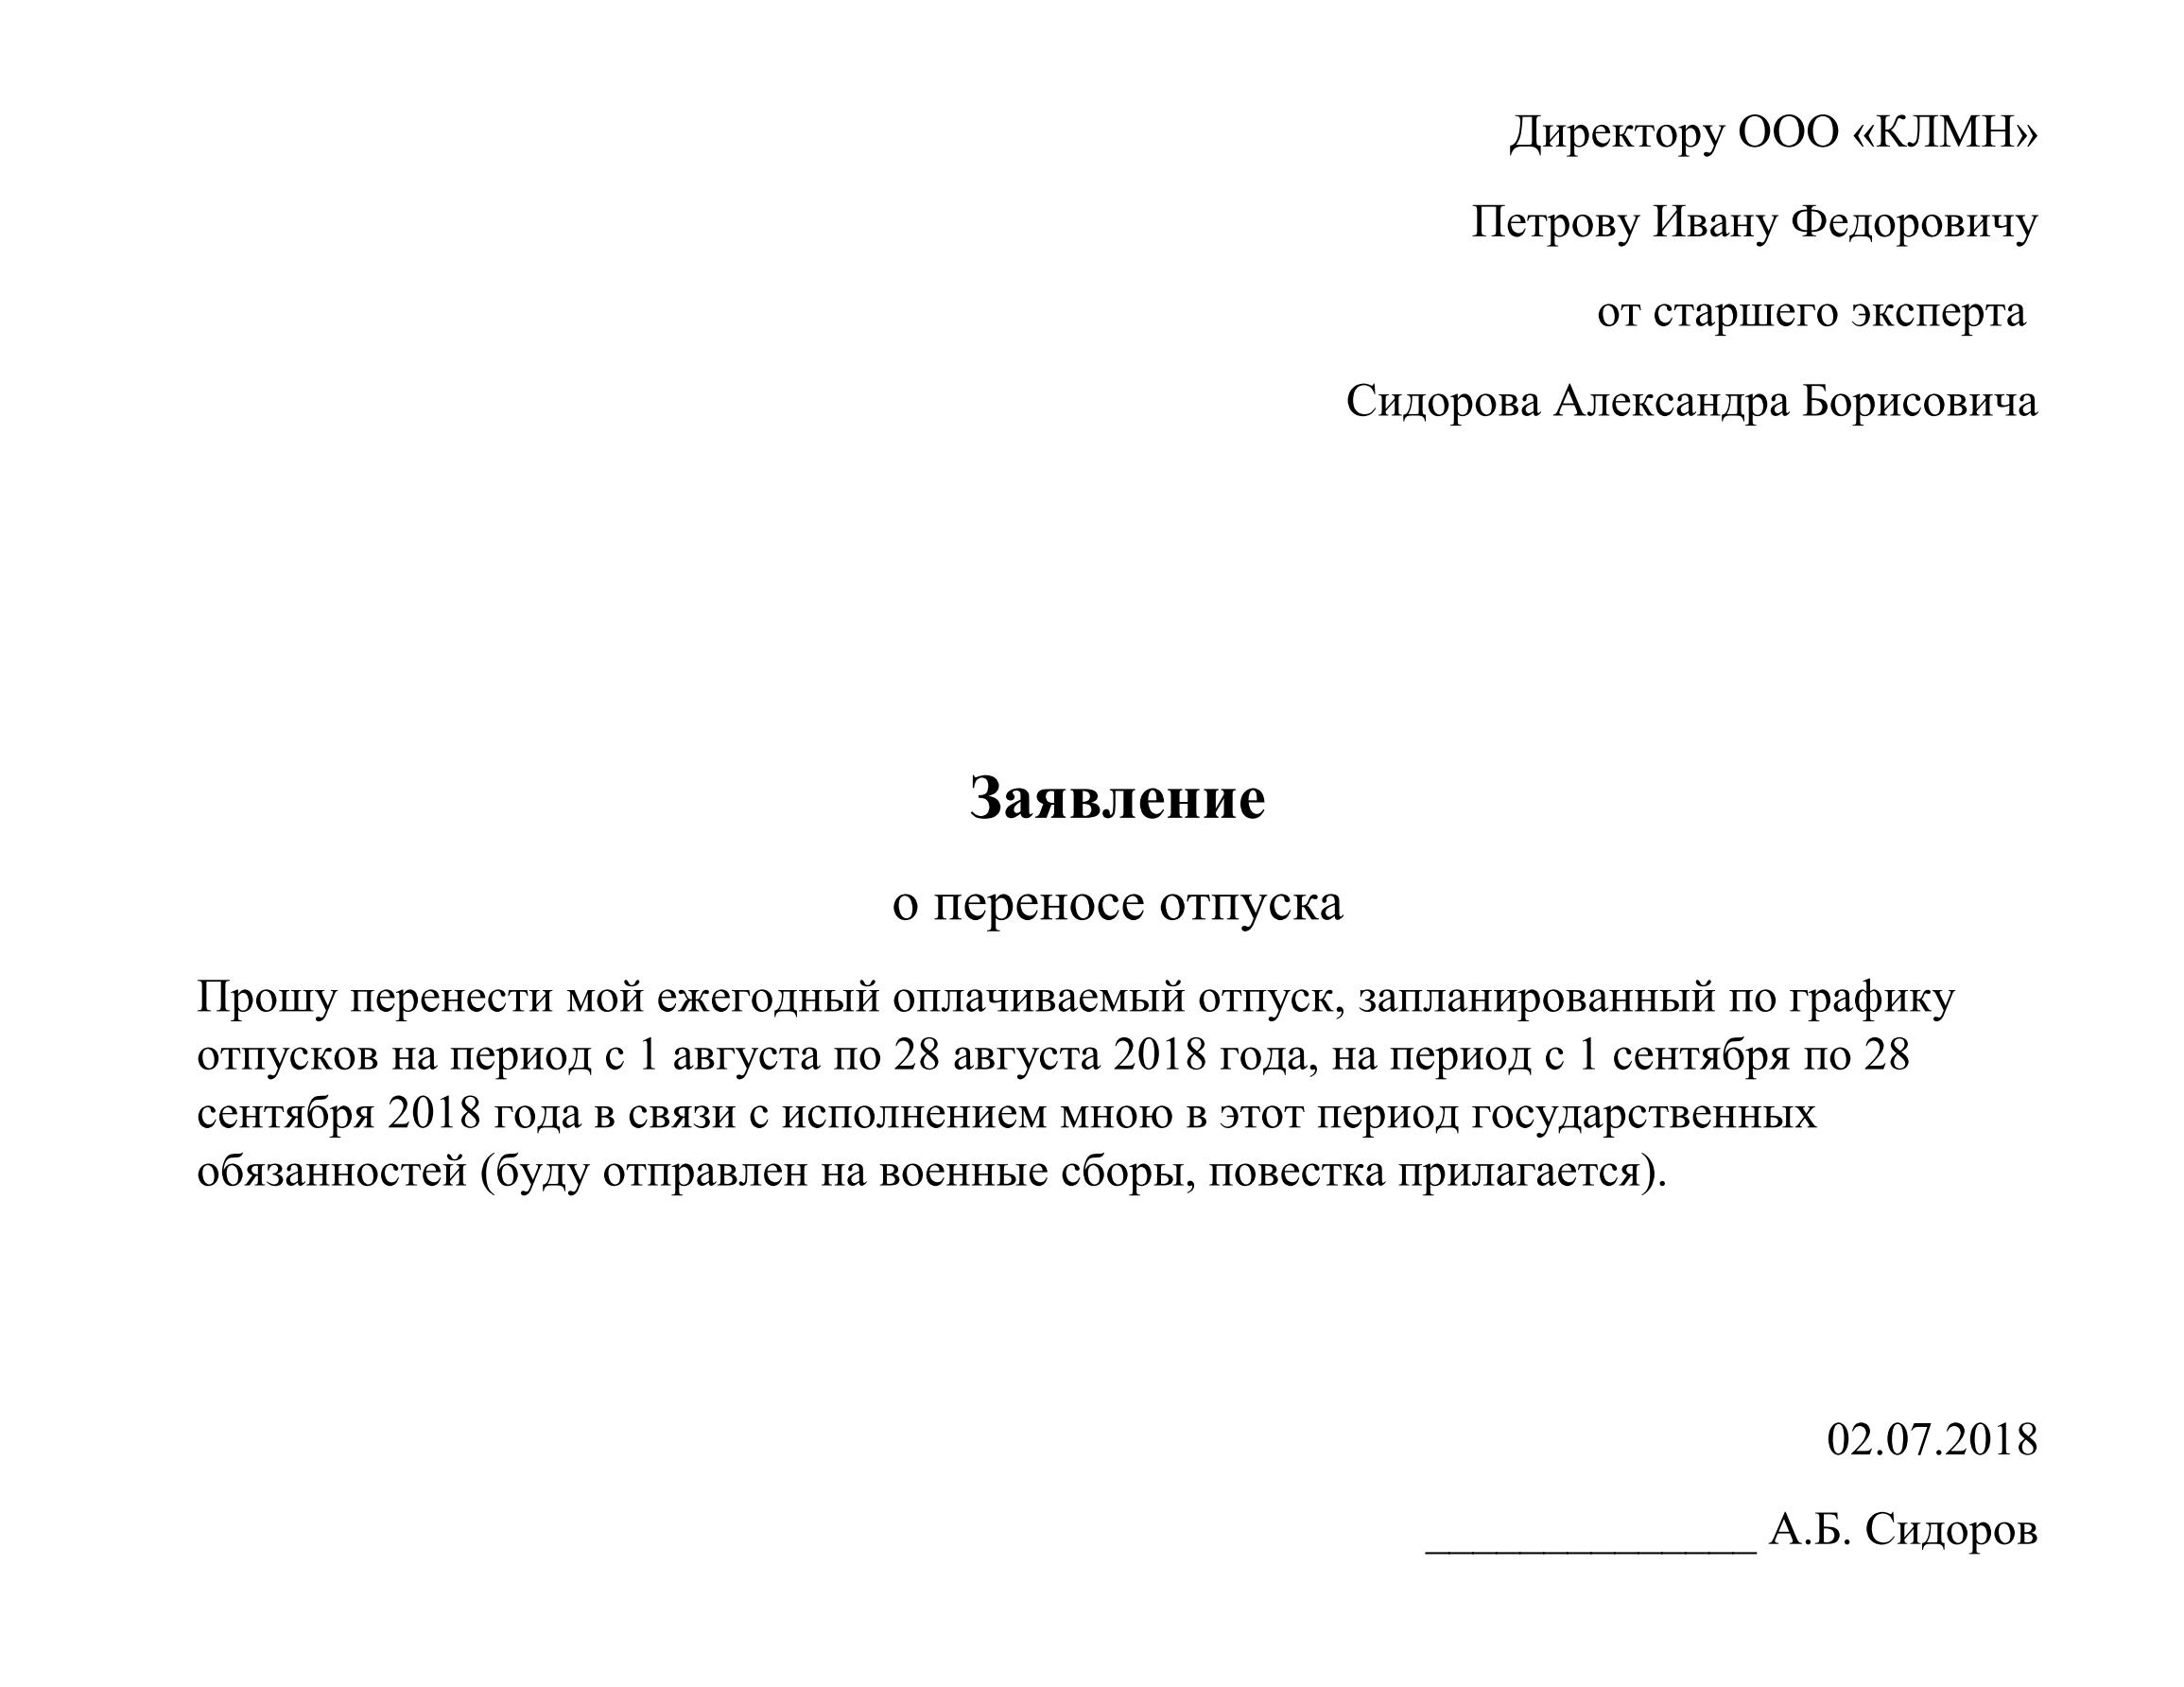 Изображение - Заявление на перенос отпуска zayavleniye-o-perenose-otpuska-01